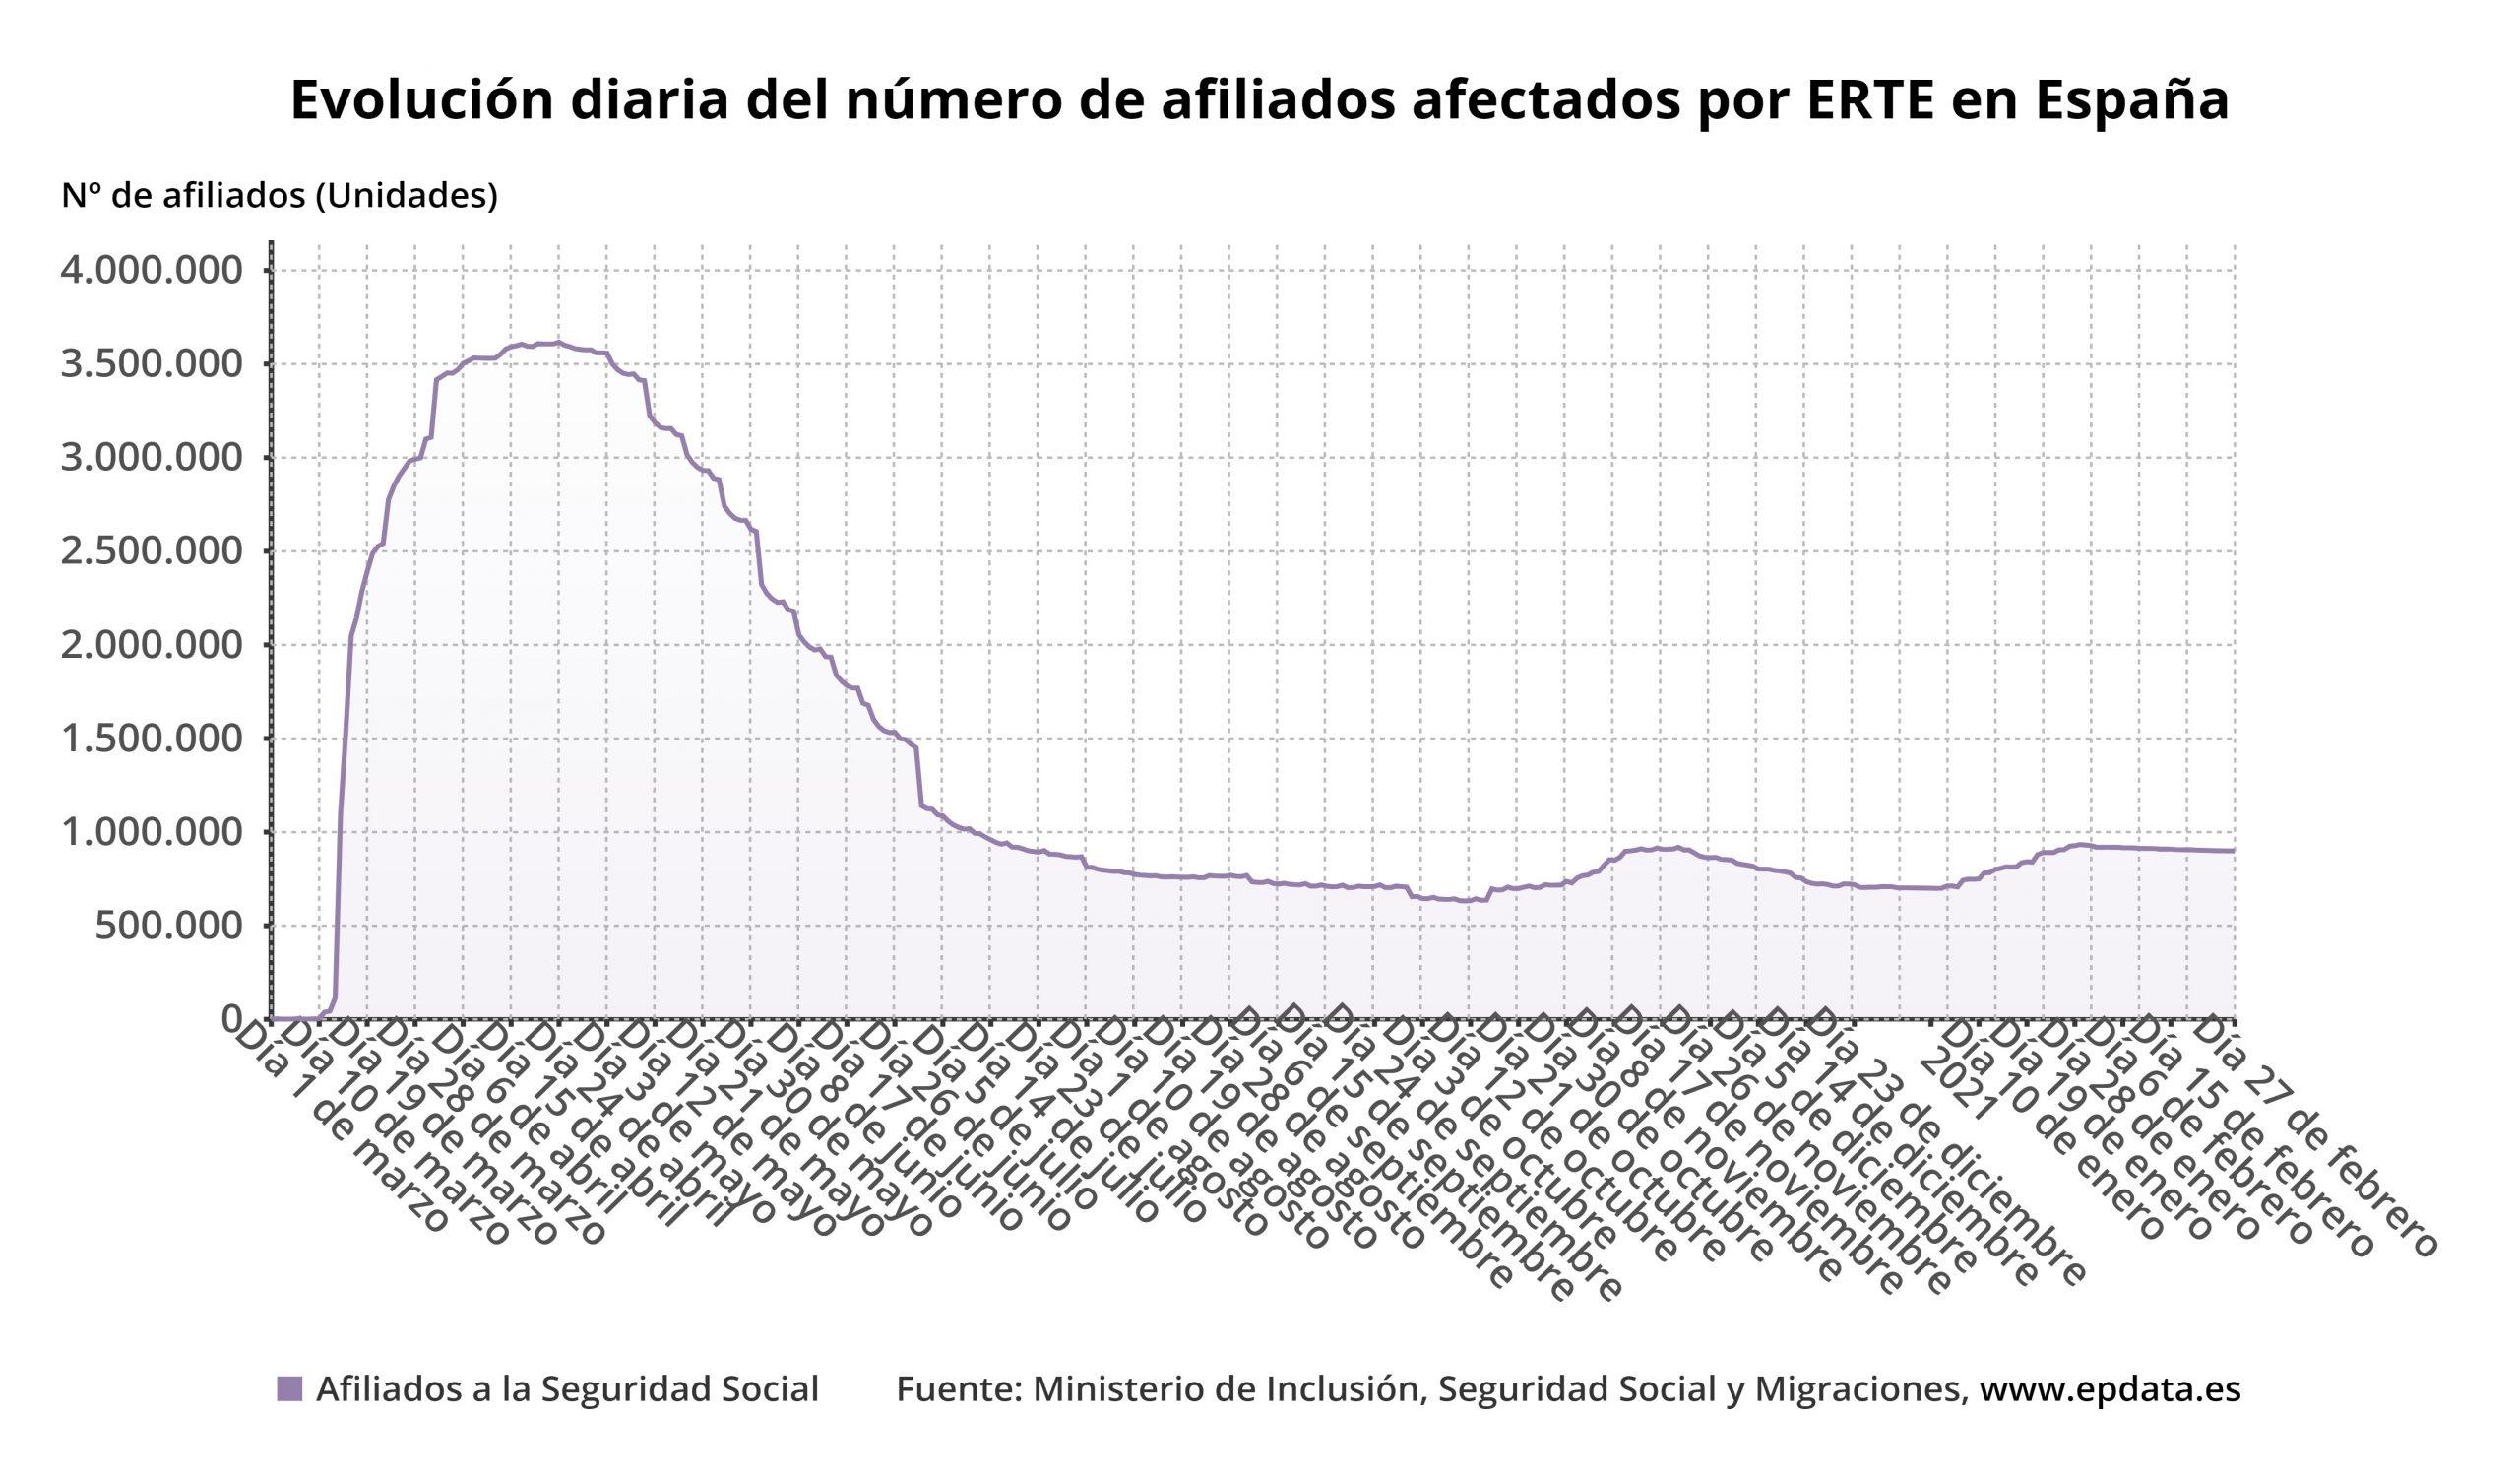 Evolución diaria del número de afiliados afectados por ERTE en España